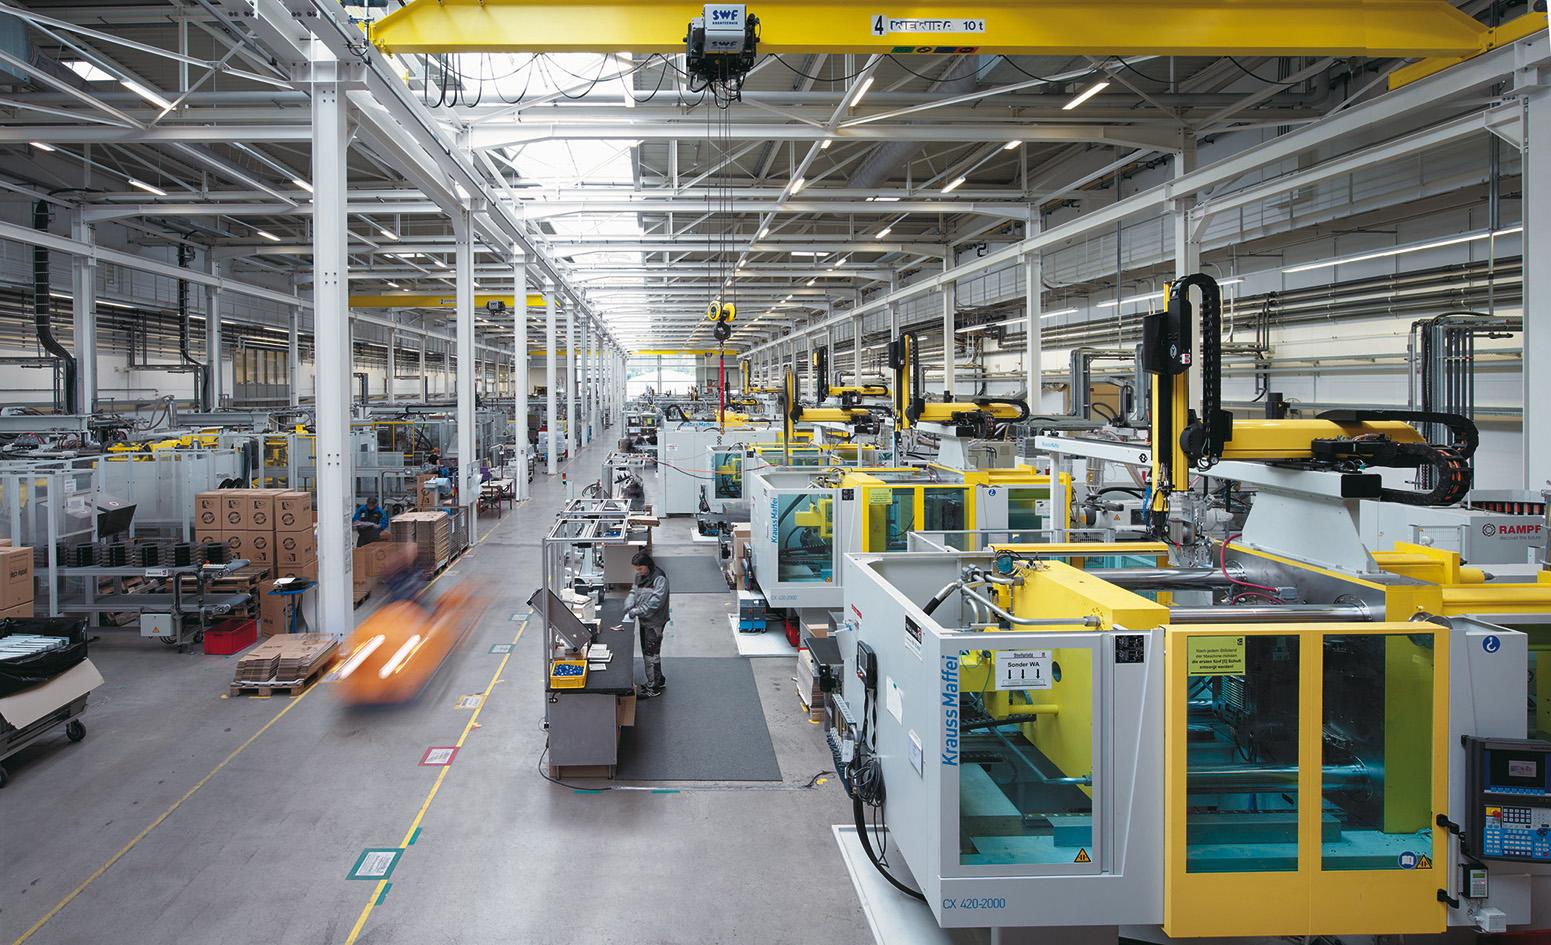 W ultranowoczesnej fabryce LKH, 180 pracowników opracowuje i wytwarza szeroką paletę produktów z tworzyw sztucznych.